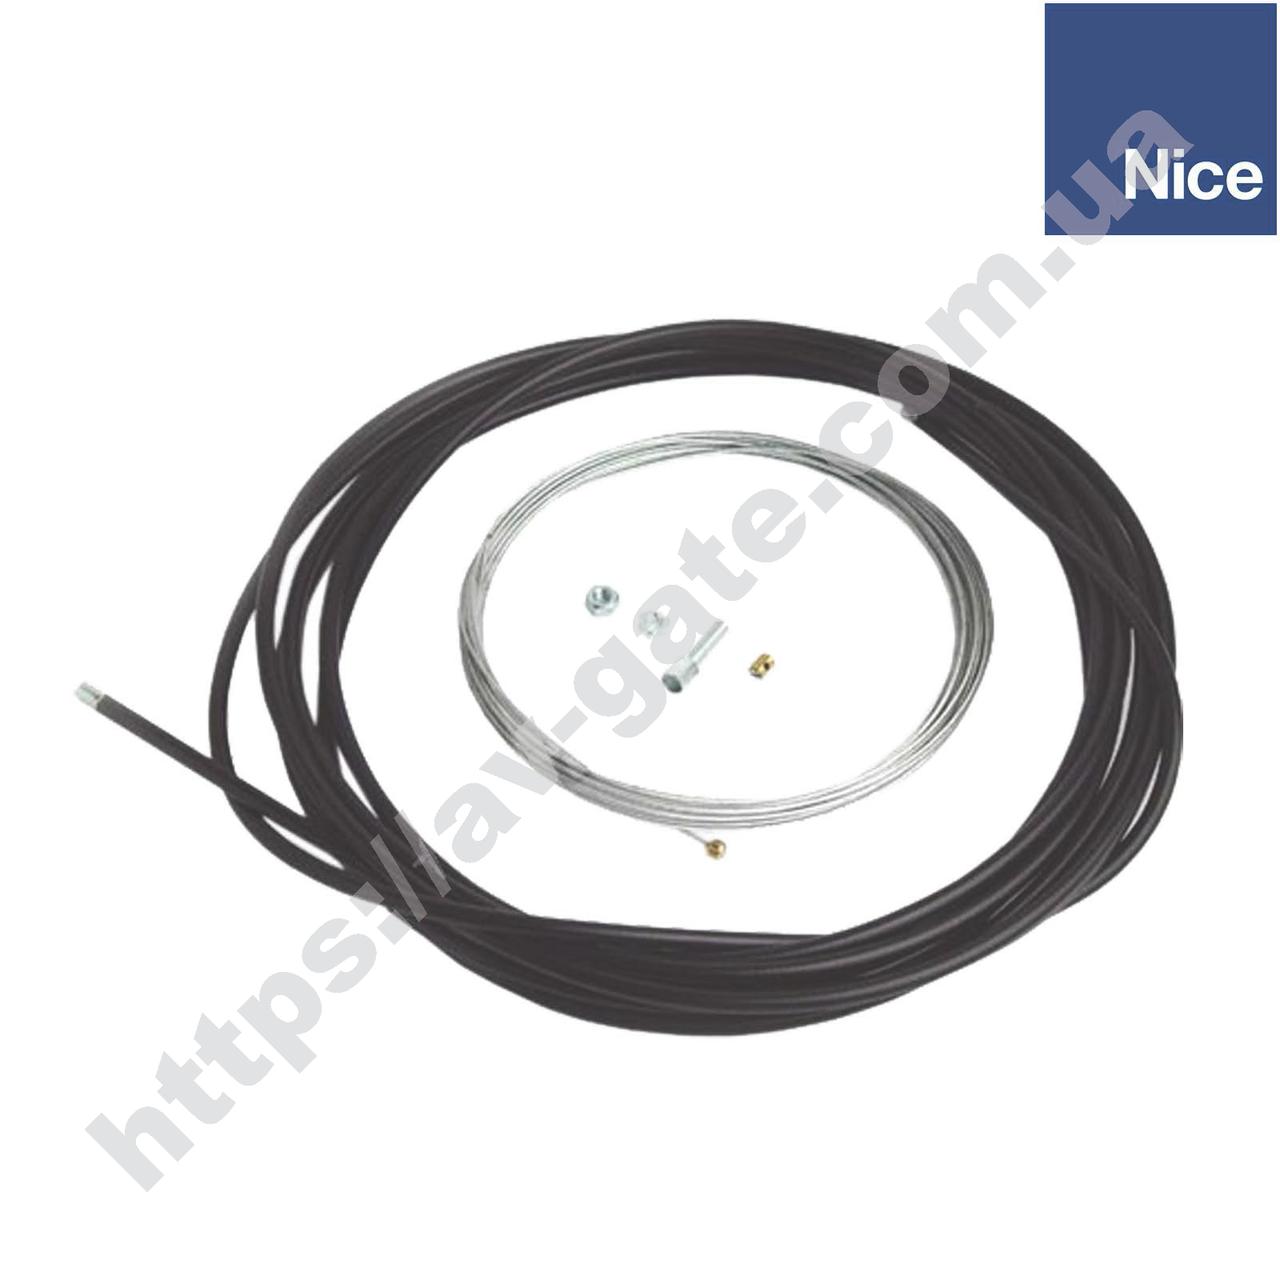 Комплект разблокировки KA1 Nice